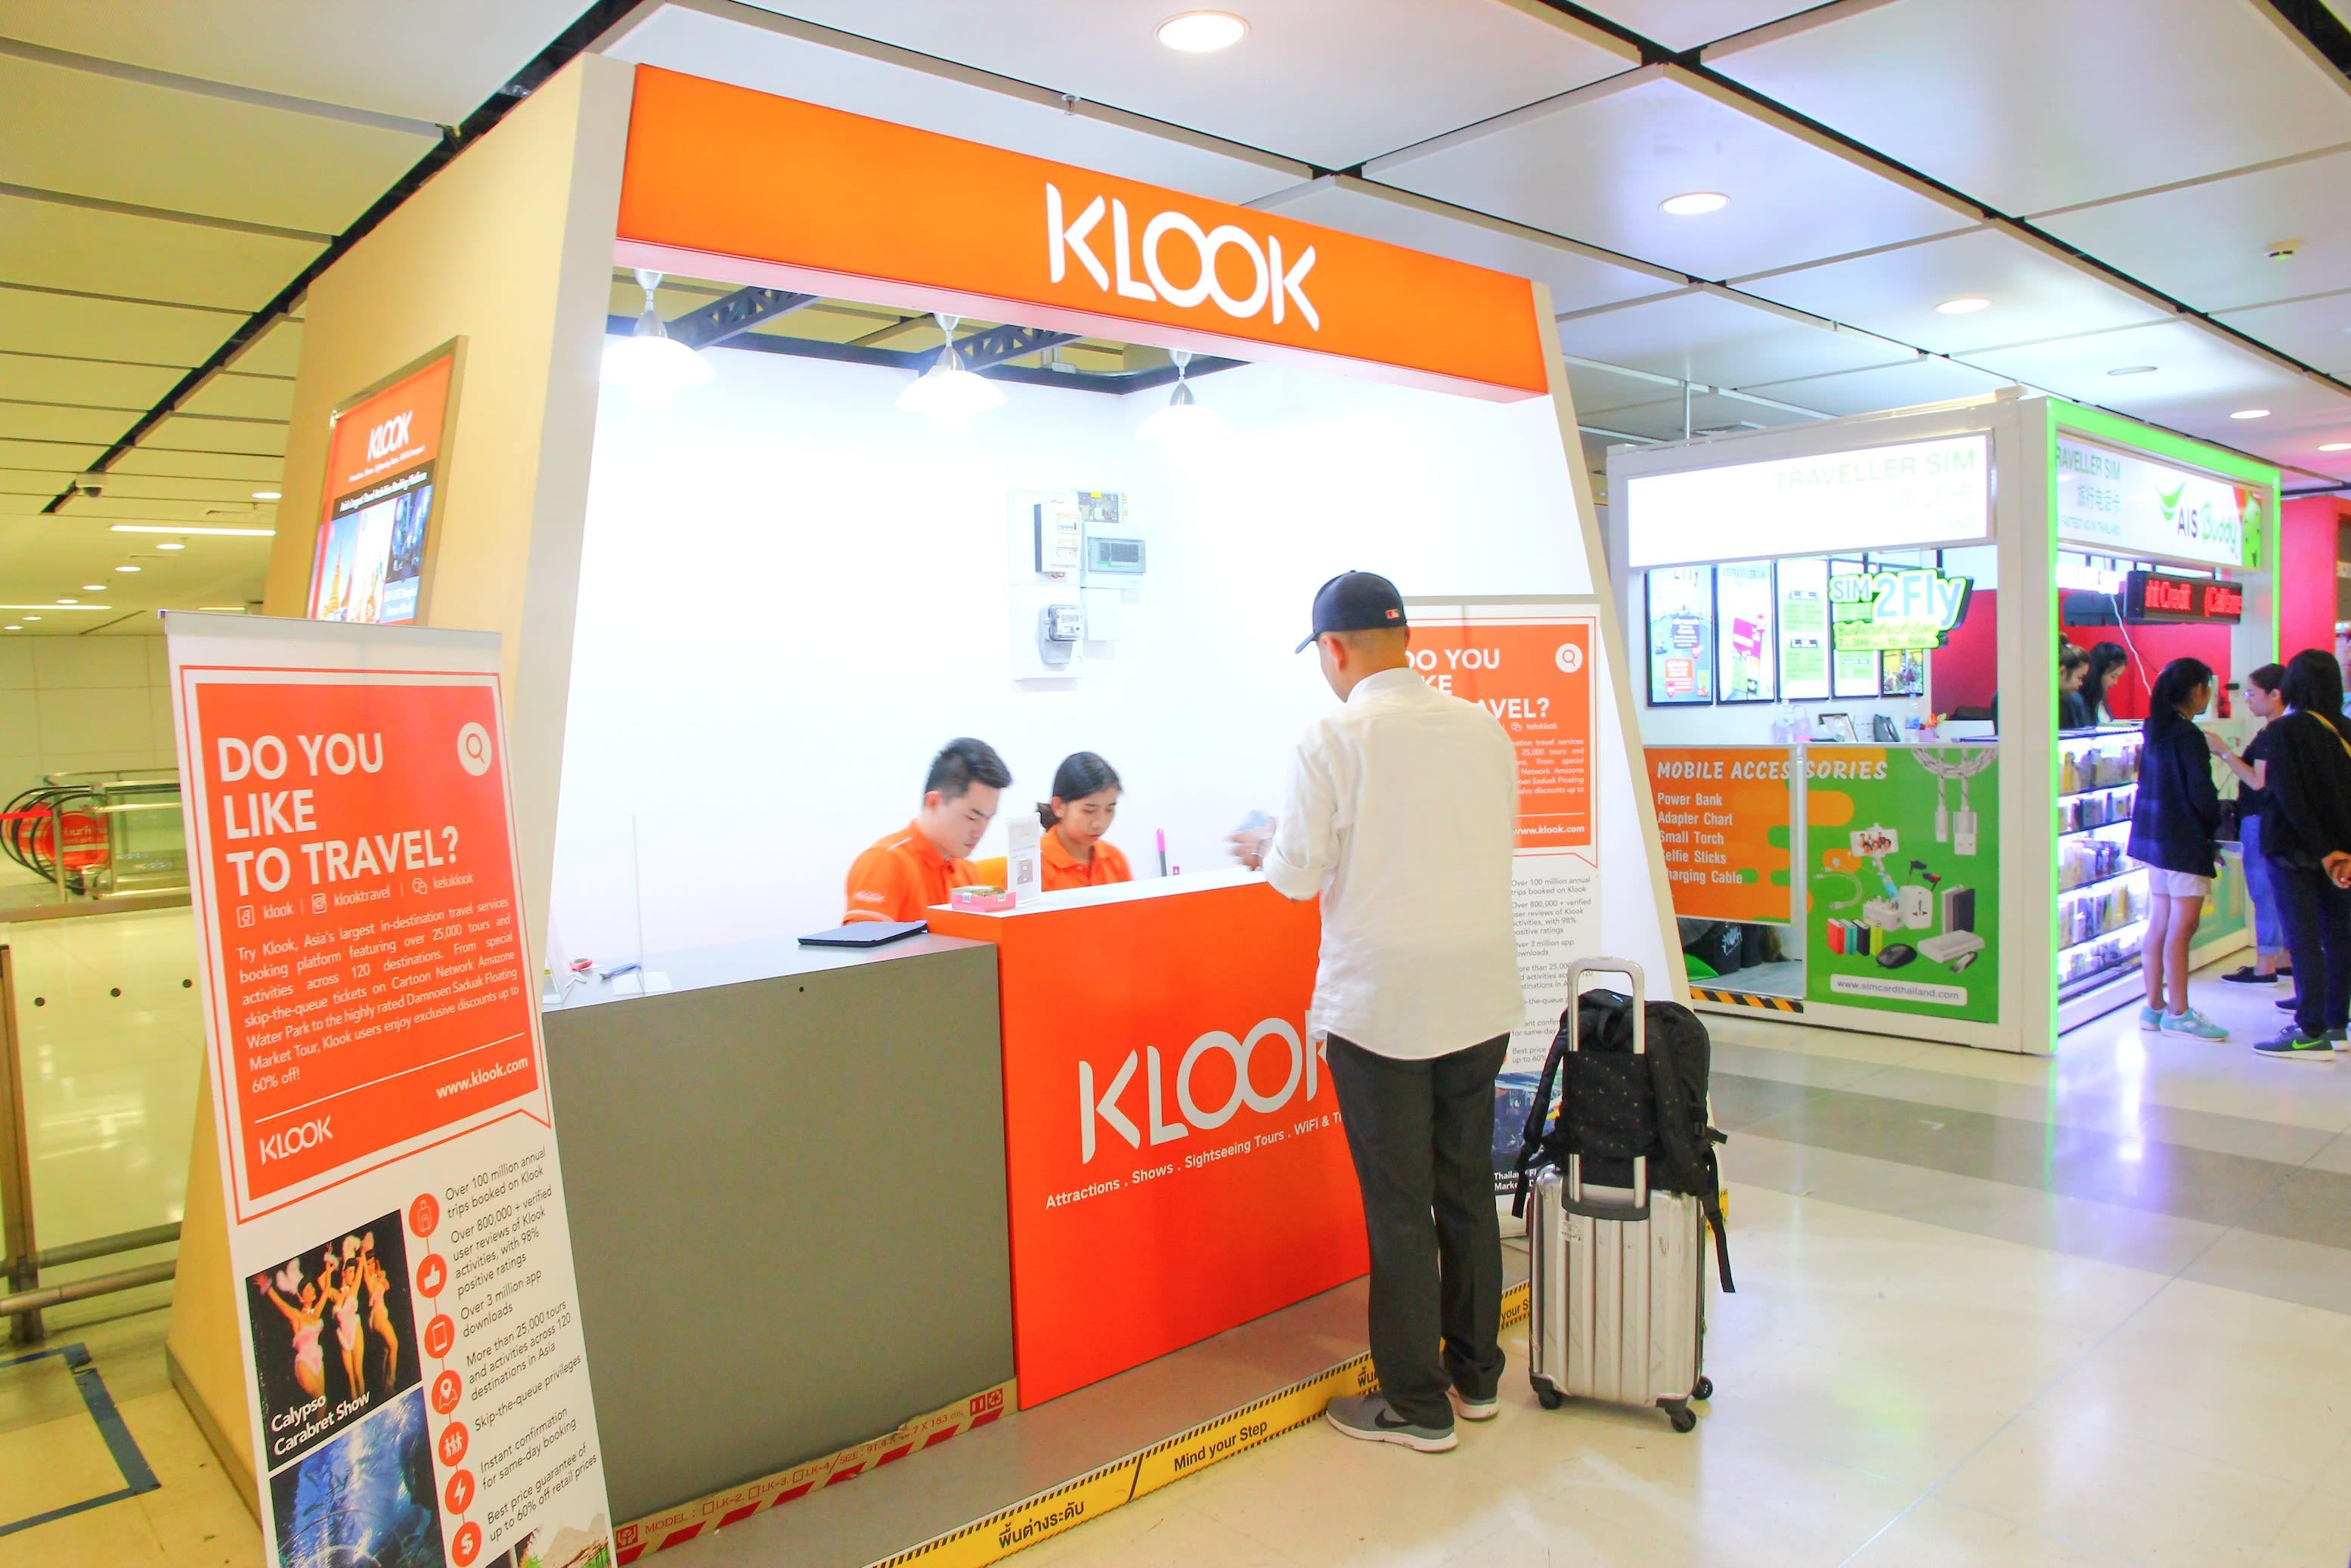 在捷運站路口旁就會看到KLOOK客路的攤子了,這是編輯比過價最便宜的手機網路喔!攝影:Rex。